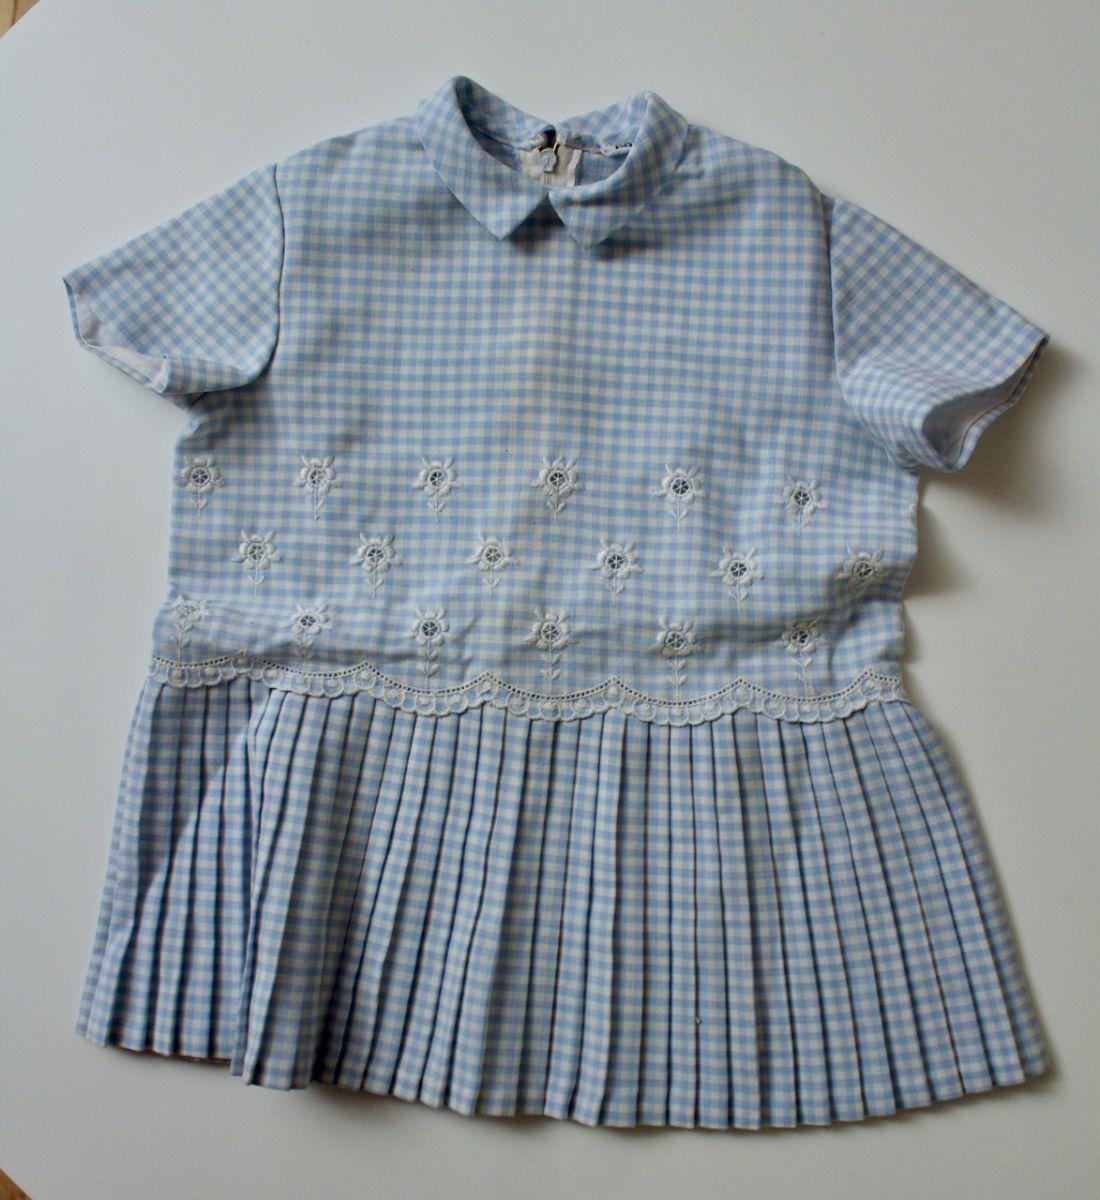 robe vintage vichy bleu et blanc 12 mois luckyfind. Black Bedroom Furniture Sets. Home Design Ideas